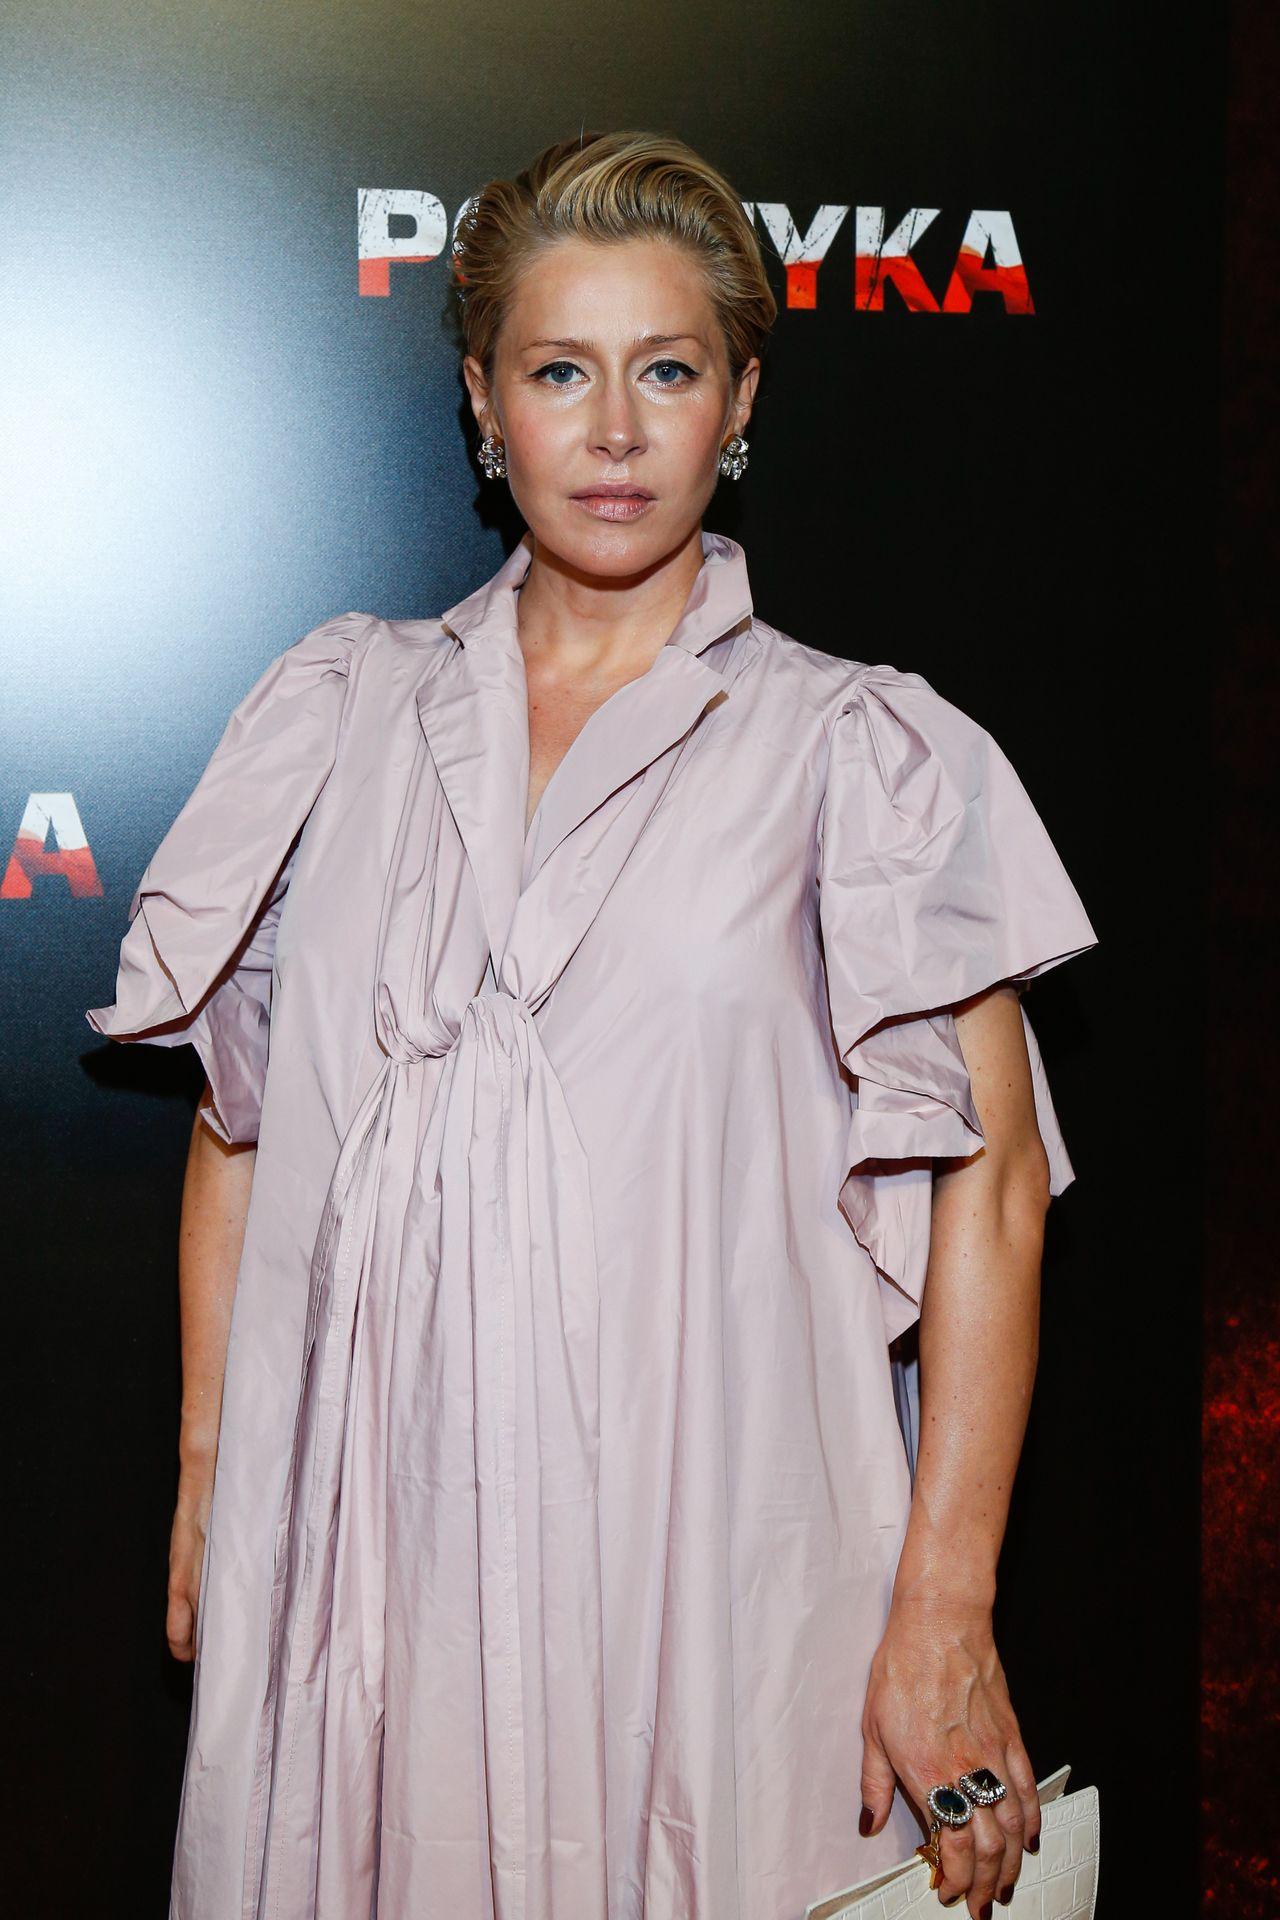 Elegancka Katarzyna Warnke z pastelowej sukience.